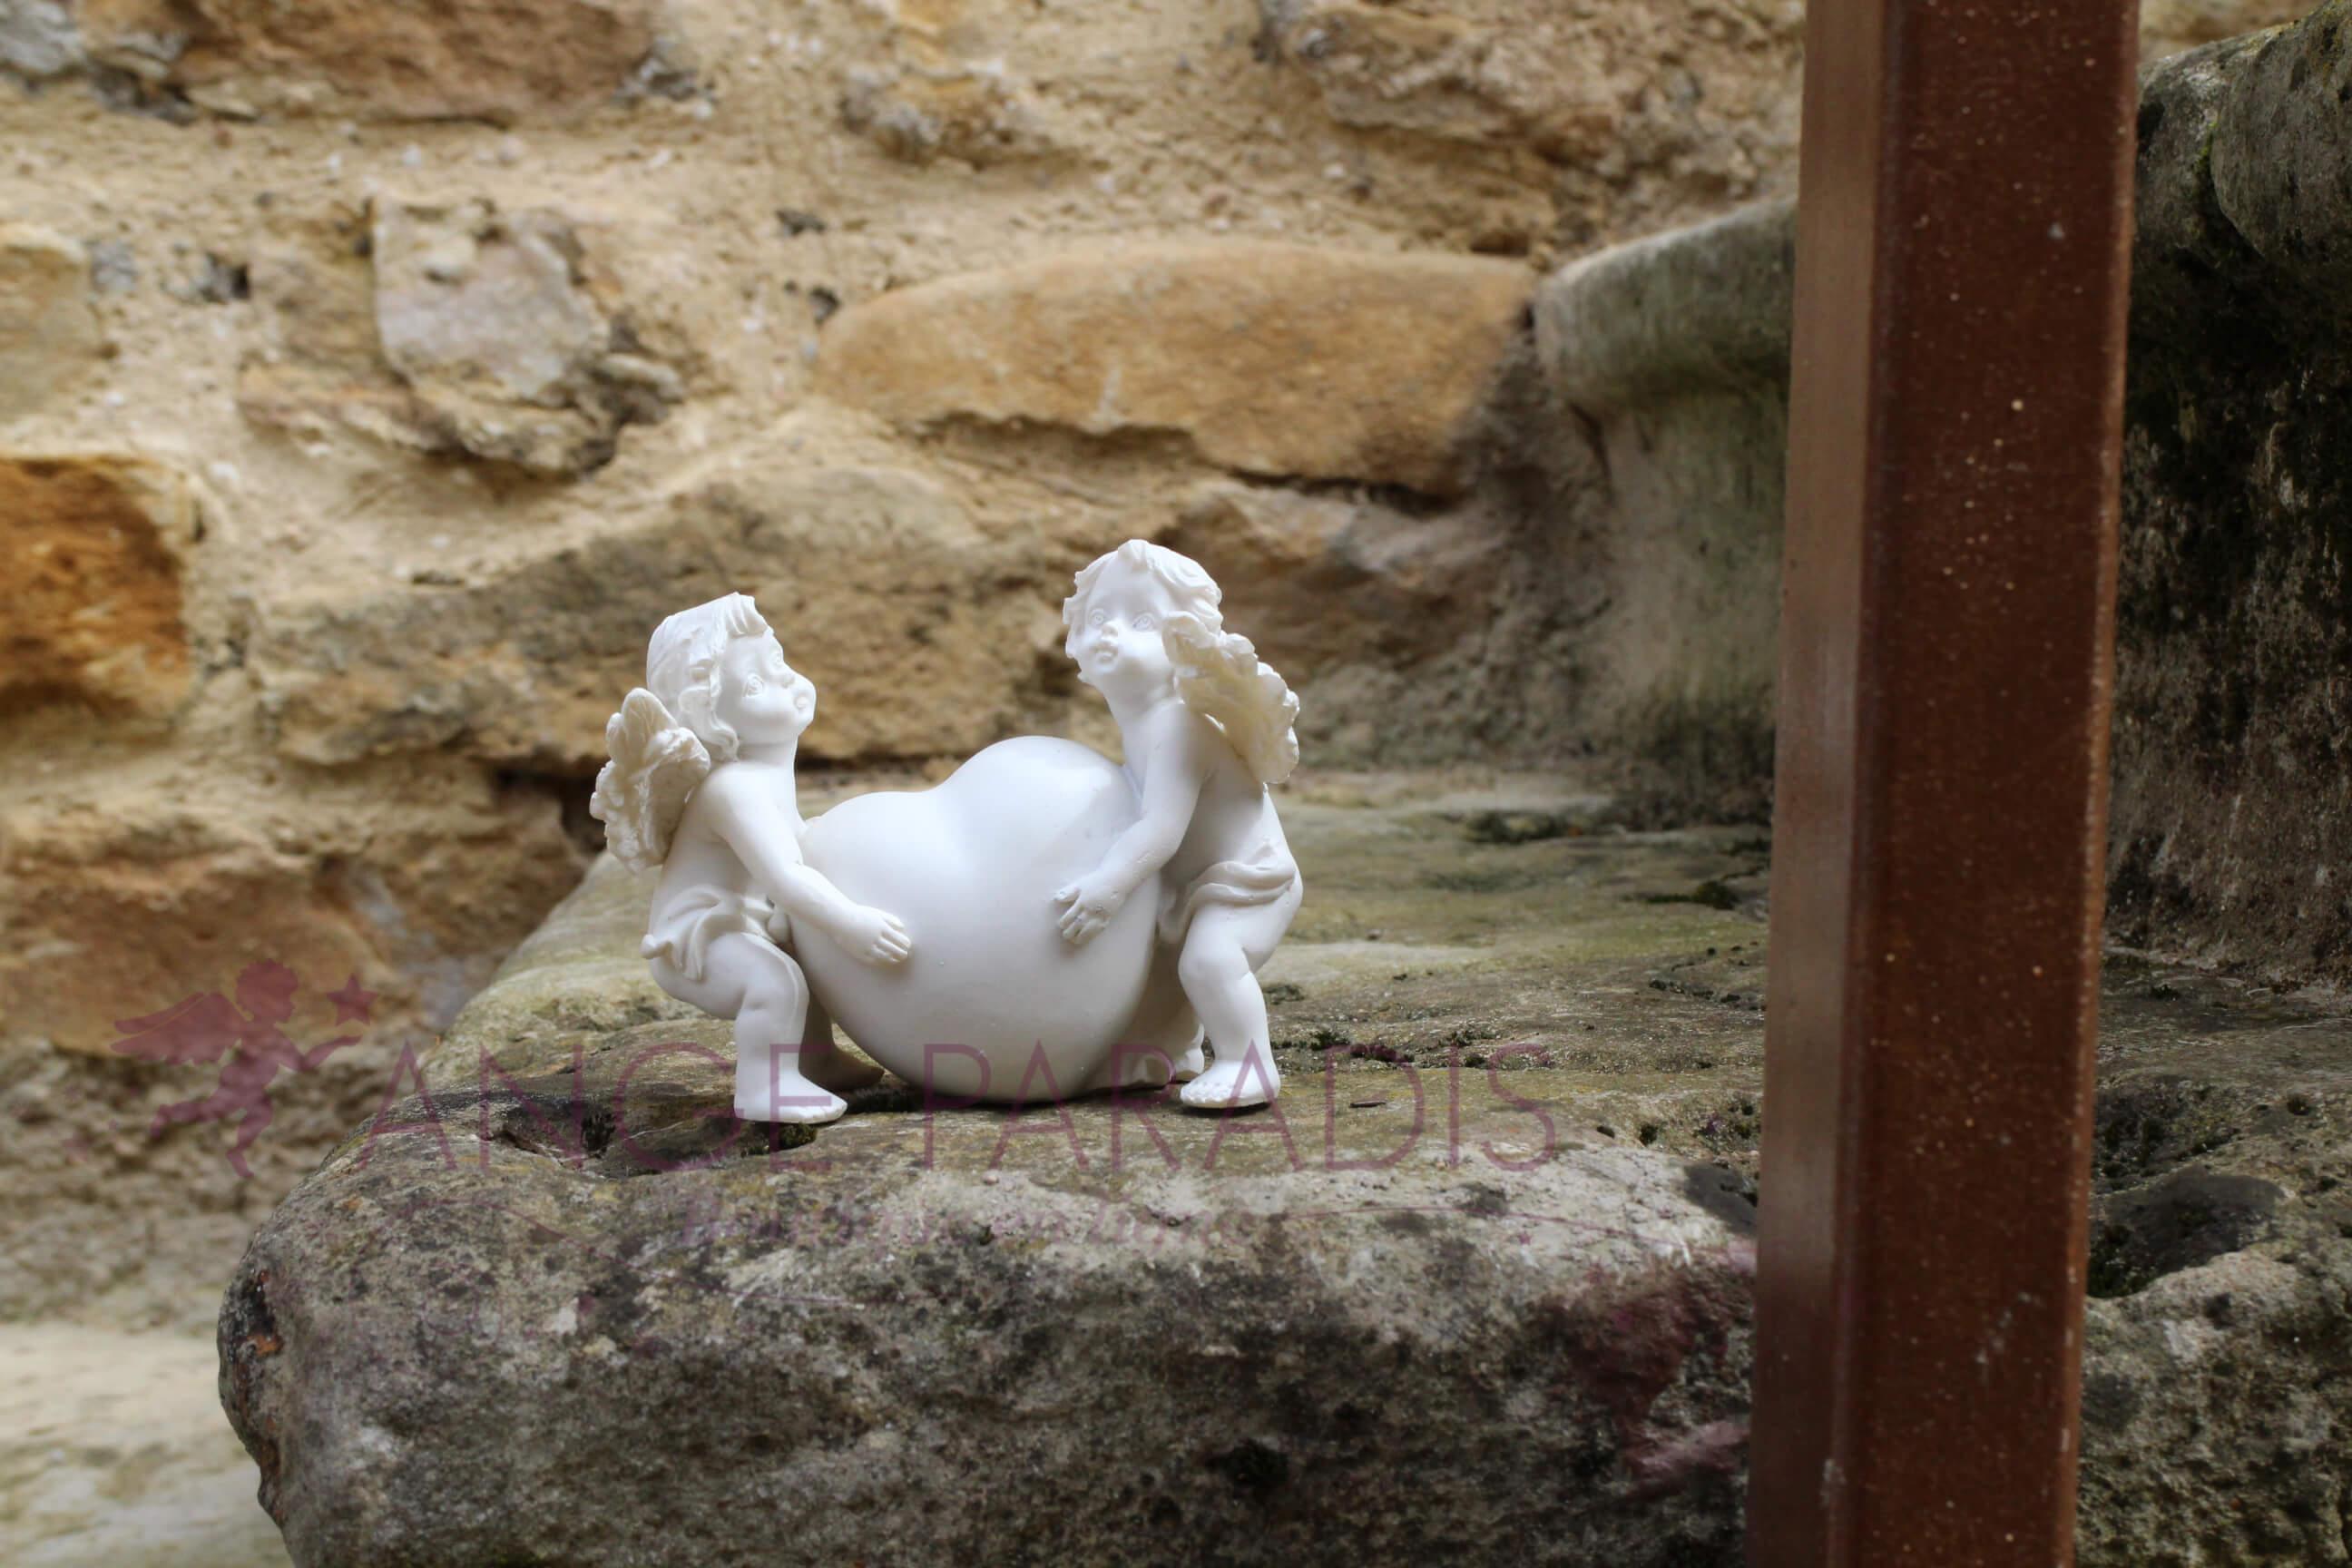 Décoration Figurine Ange - Décoration contemporaine